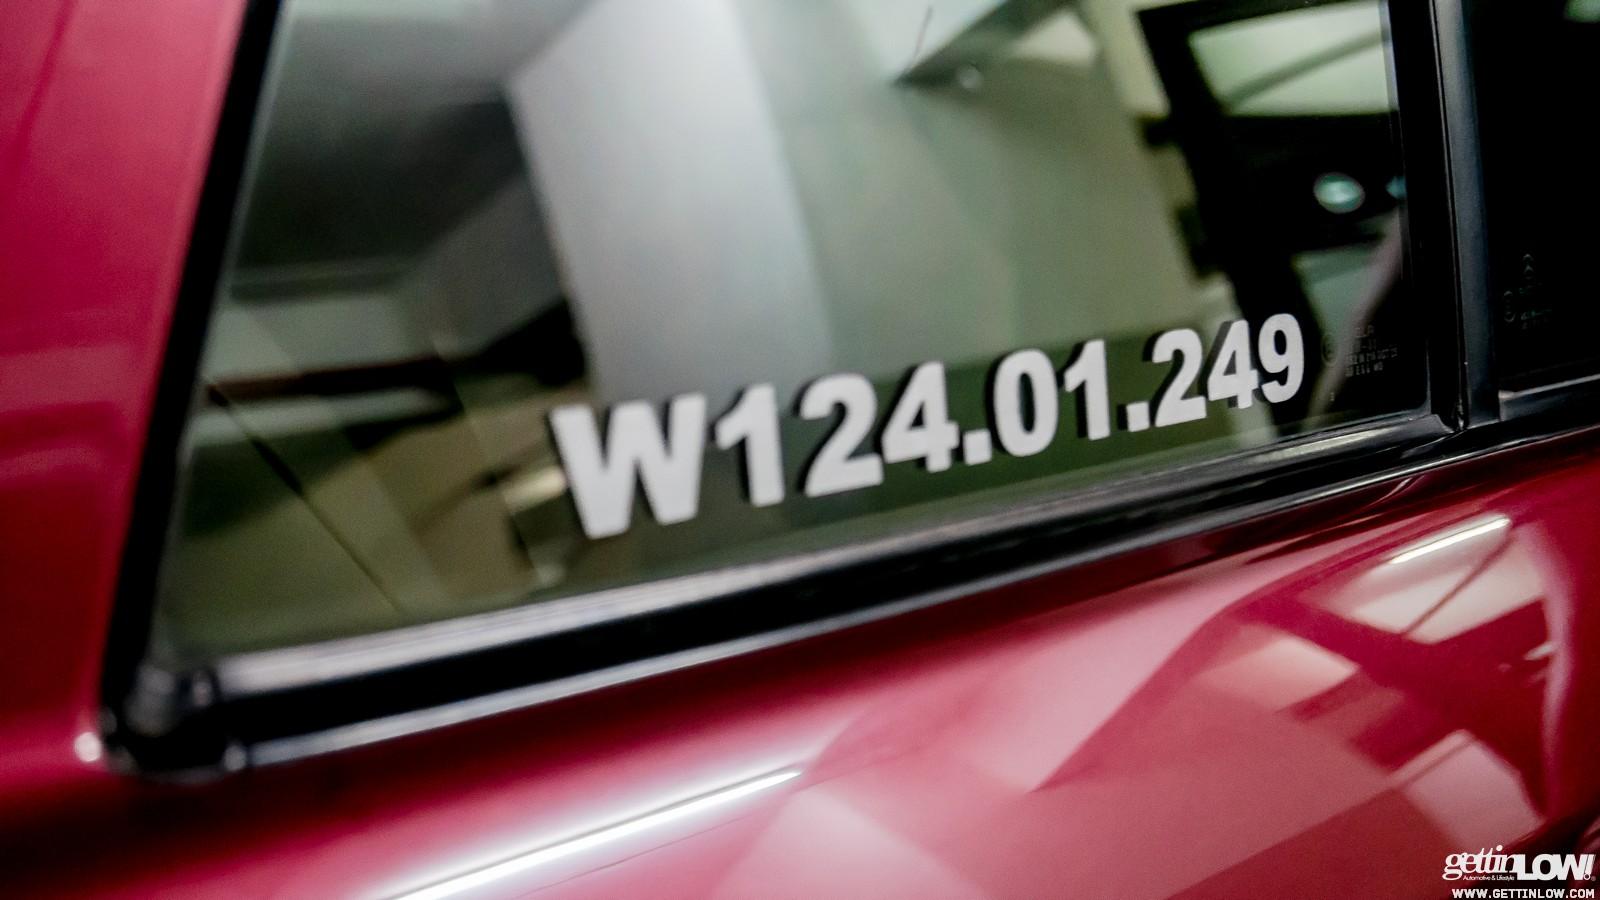 Putri Alika 1995 S124 E320